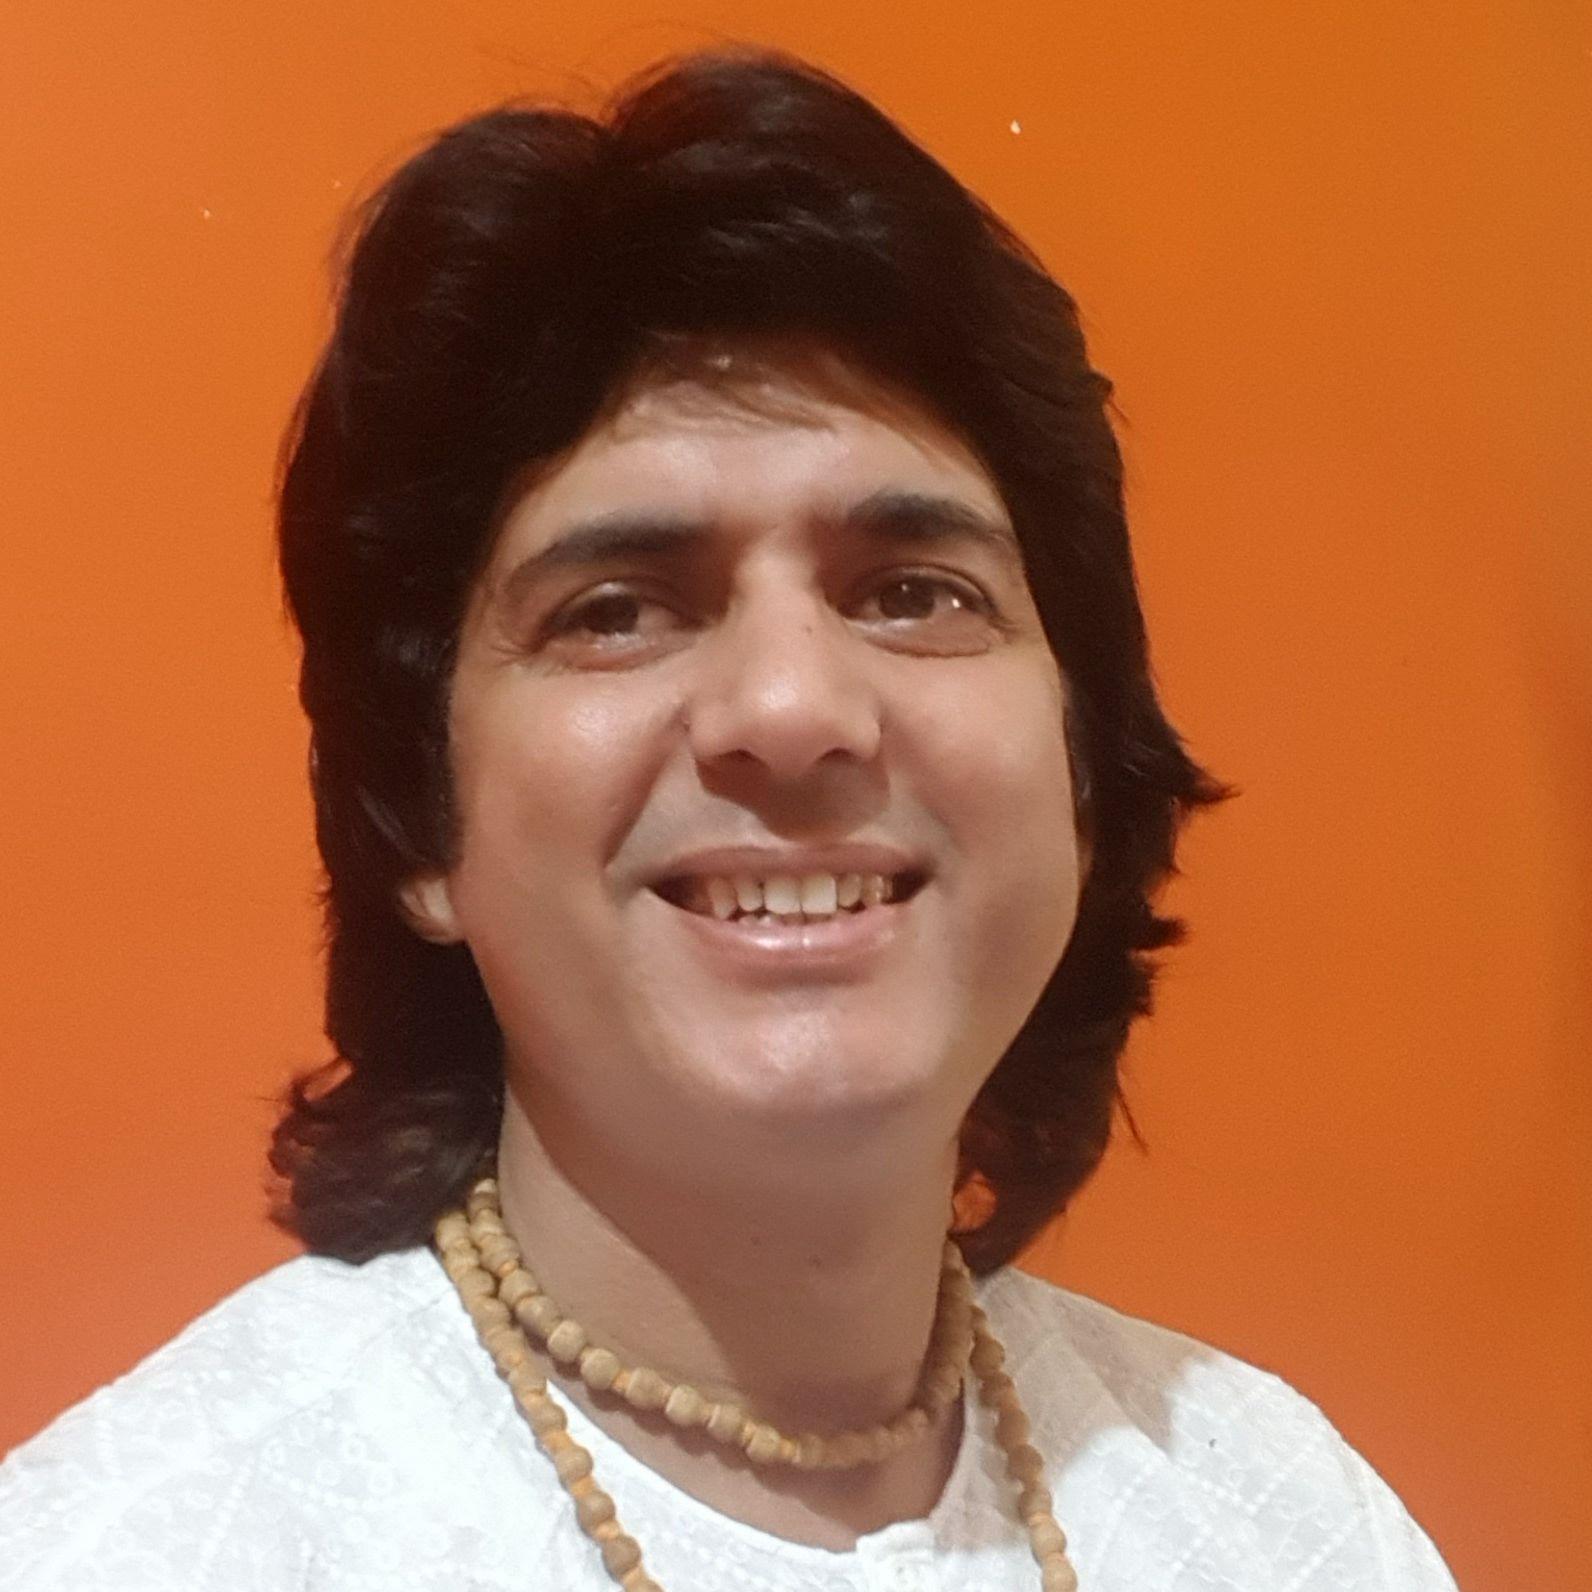 Yog guru Vishuraj Sharma